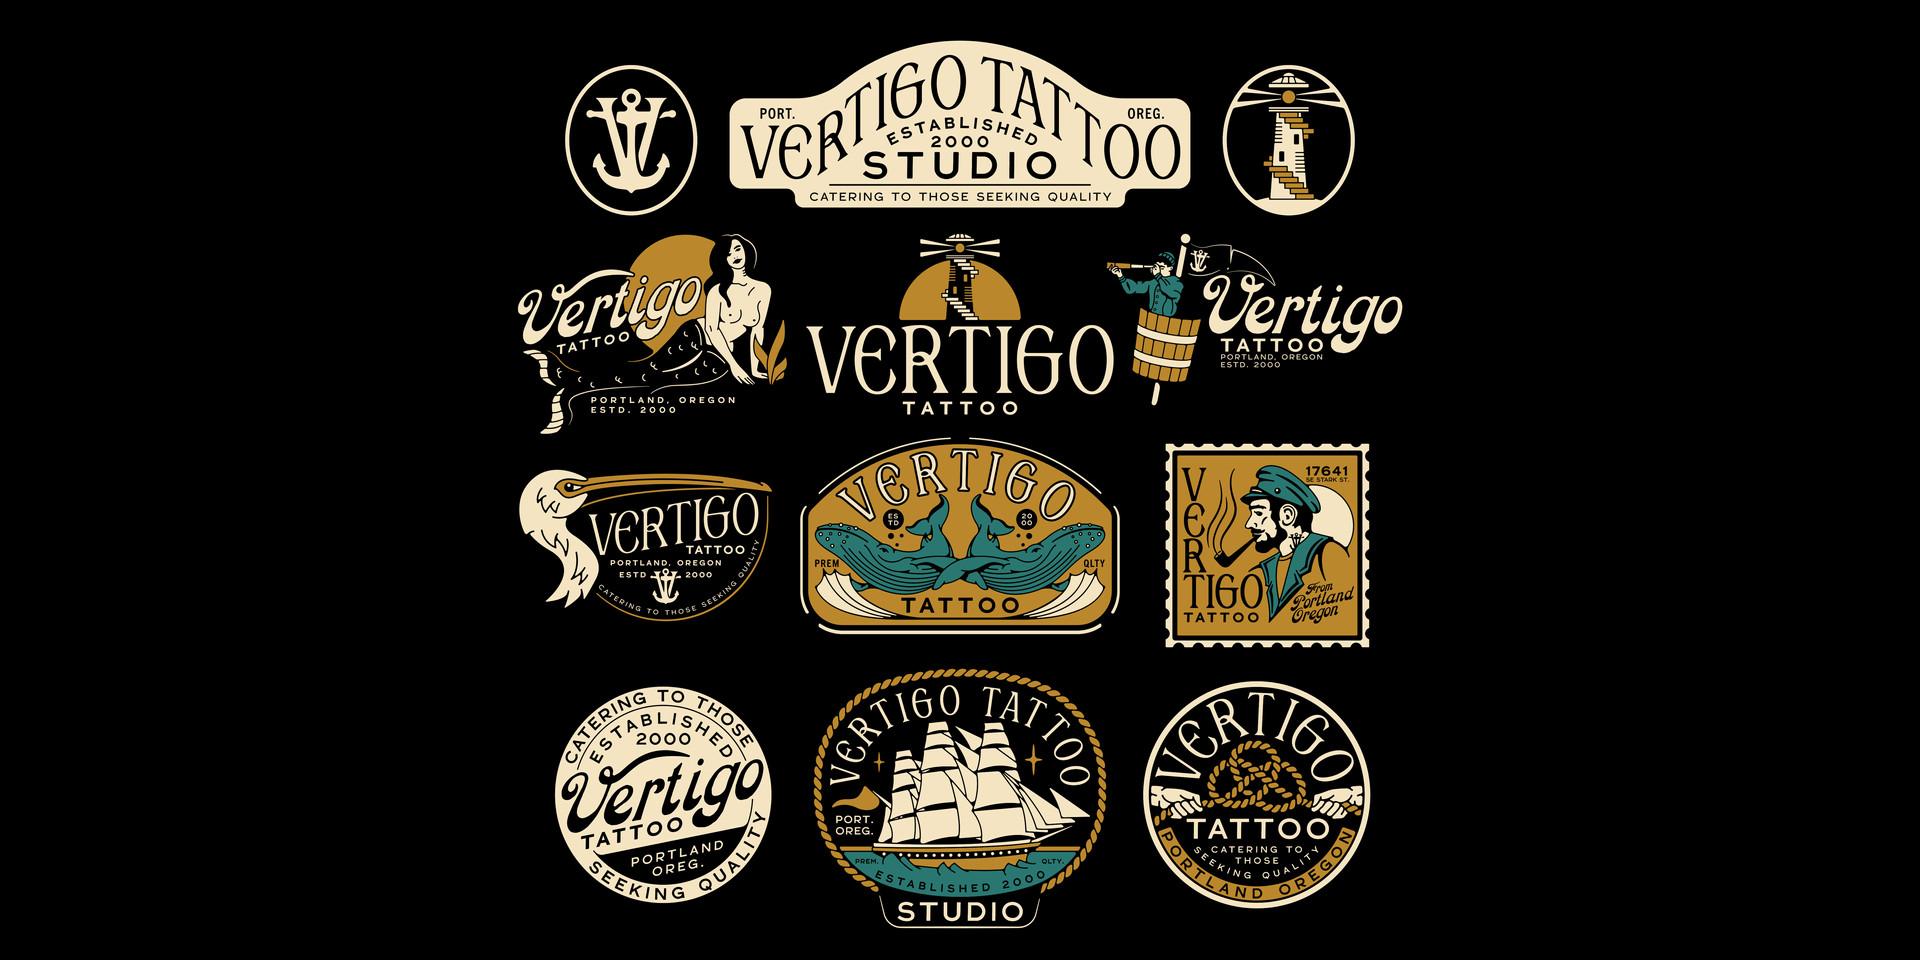 Vertigo Tattoo - Branding - Full Set Dar